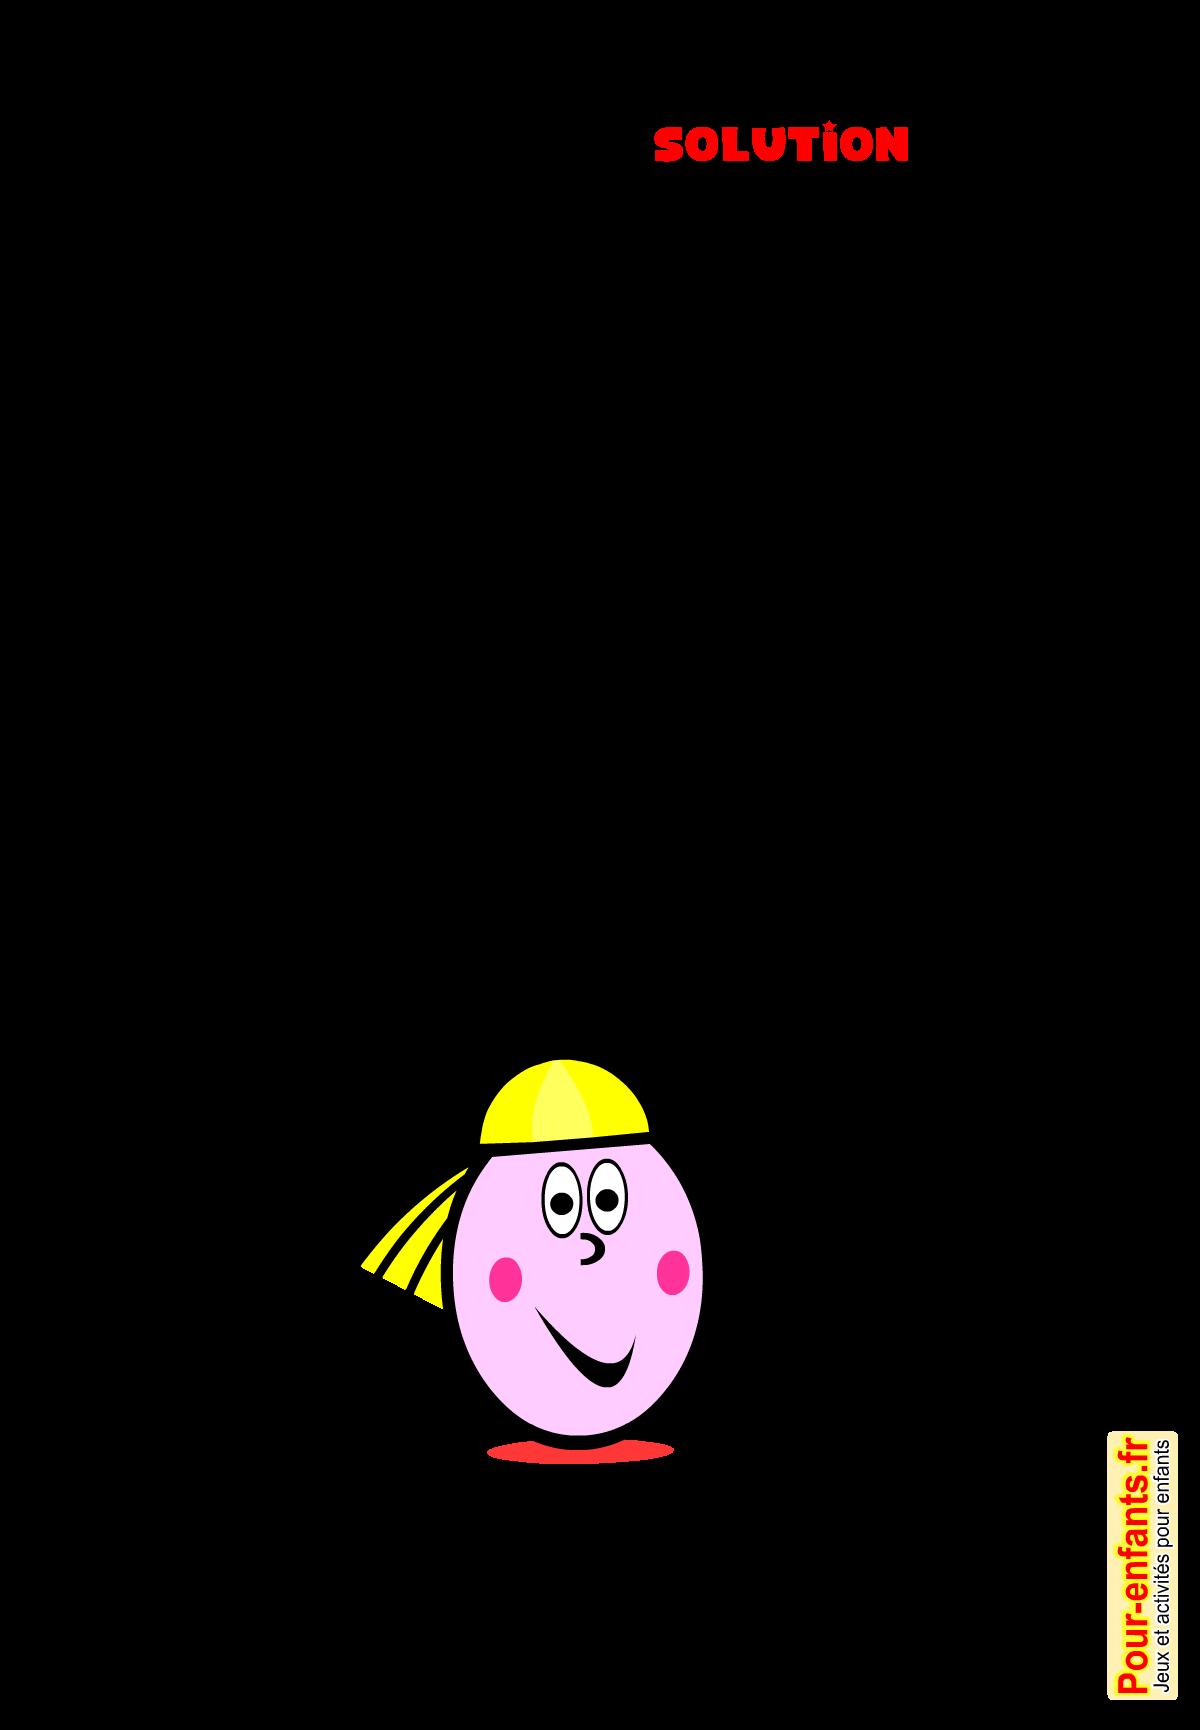 Jeux de p ques imprimer solution jeu de mots vocabulaire paques enfants - Image de paques gratuit ...